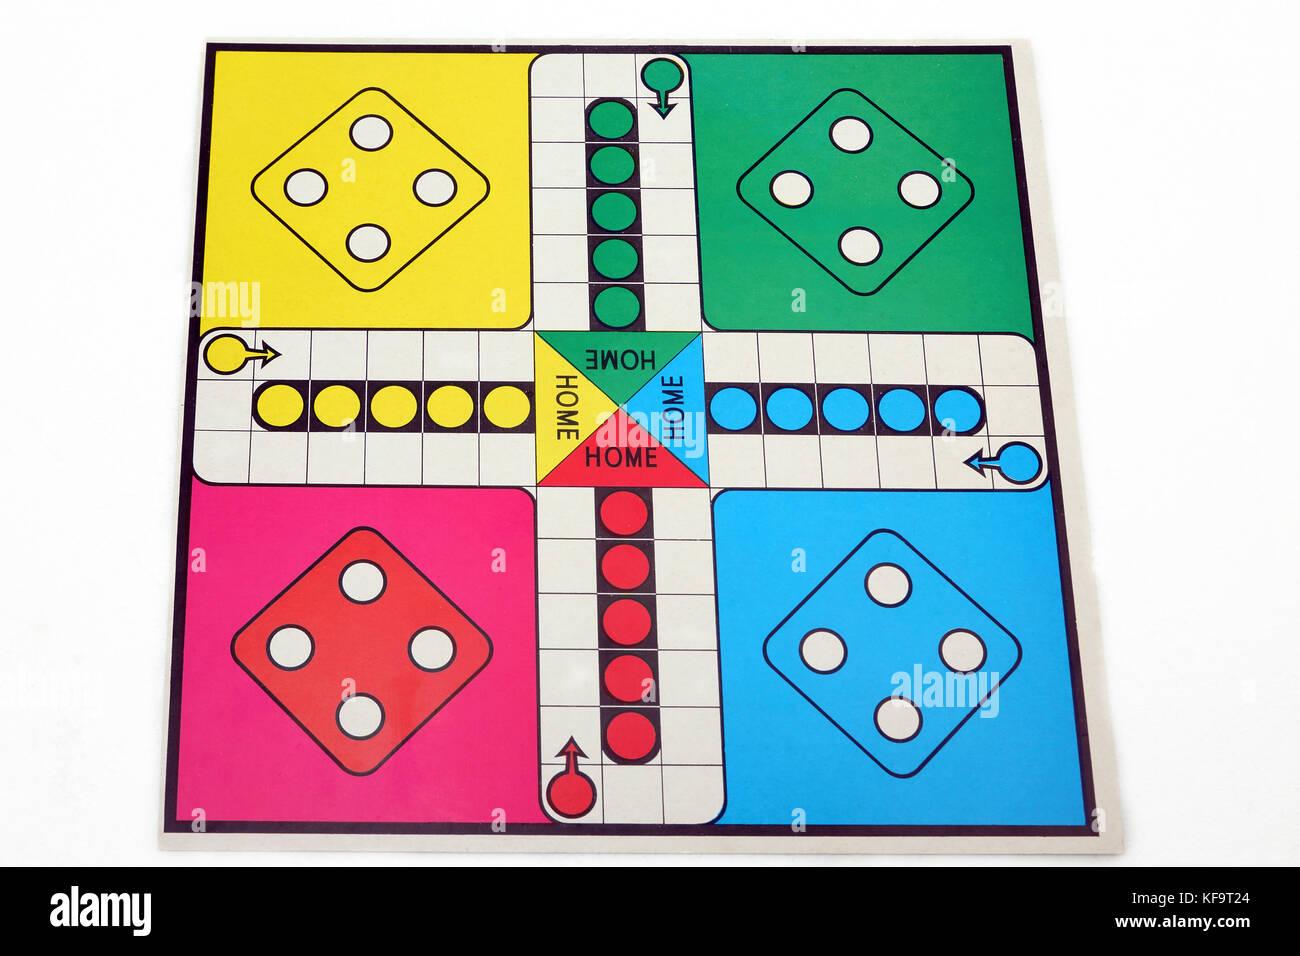 Ludo Board Game - Stock Image